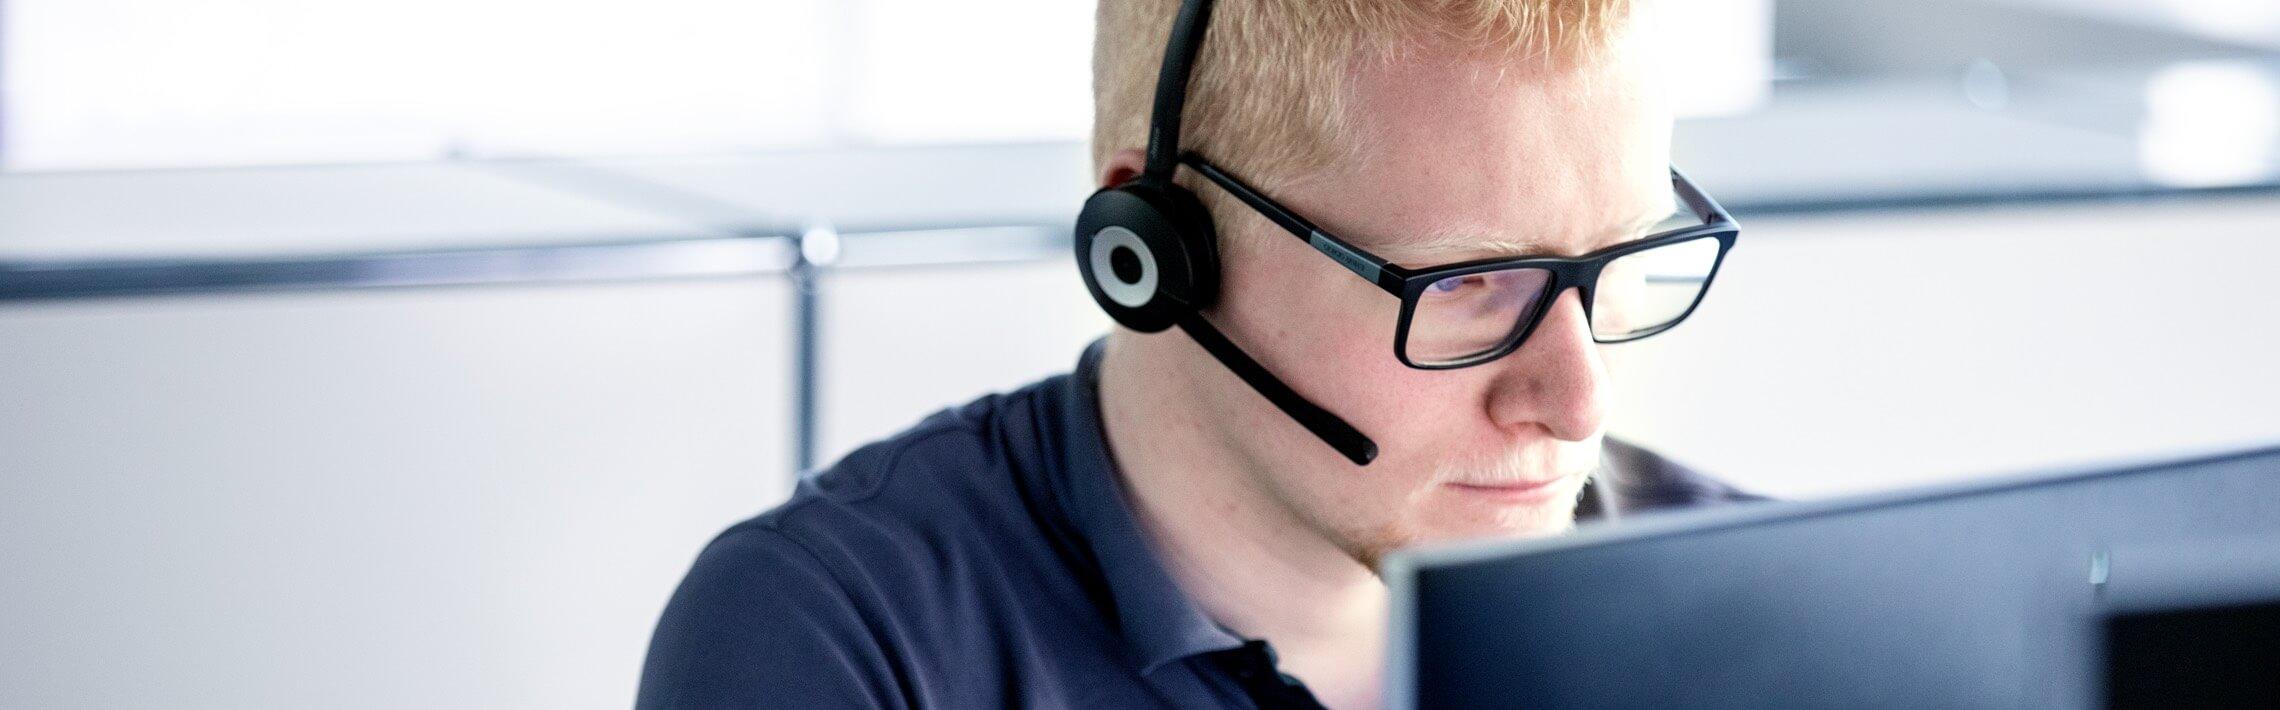 Daten sichern mit Online Backup Lösungen von Beltronic